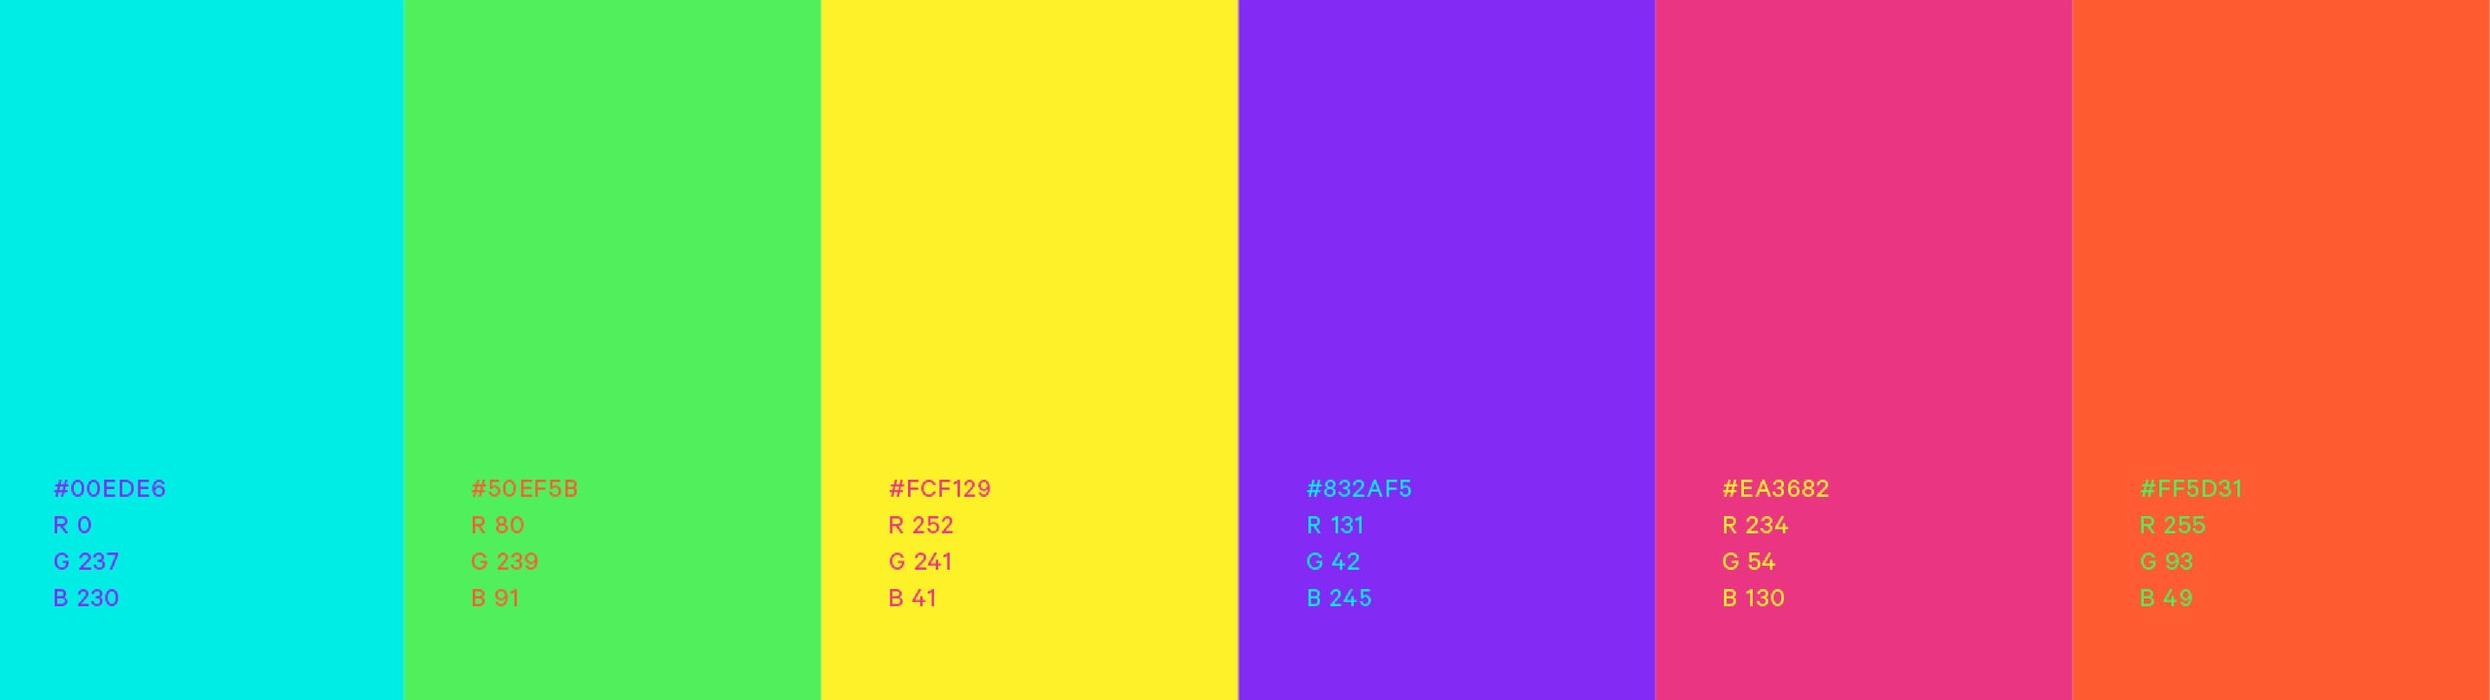 HYMKR_BeachFreely_Posters_ColorType_03-04.jpg